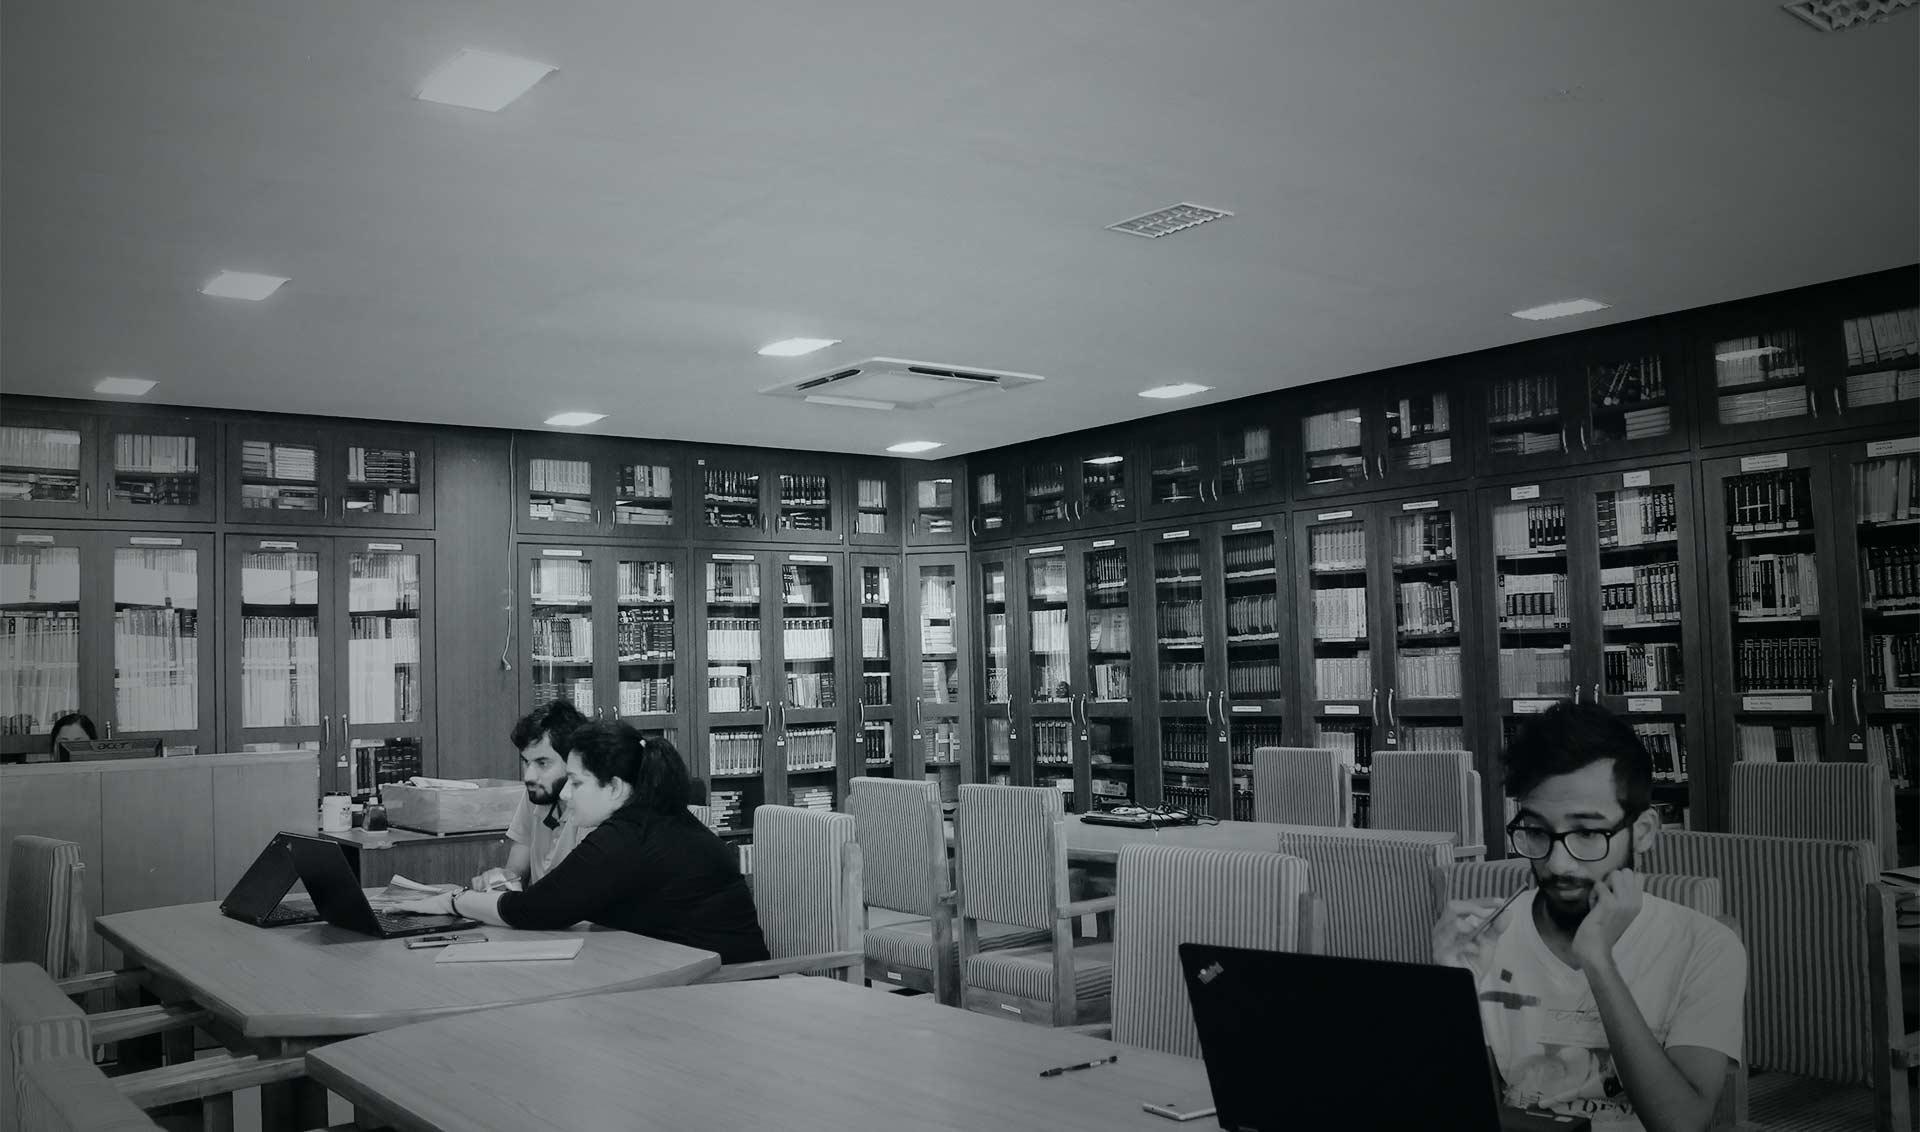 KIIT Library Photo